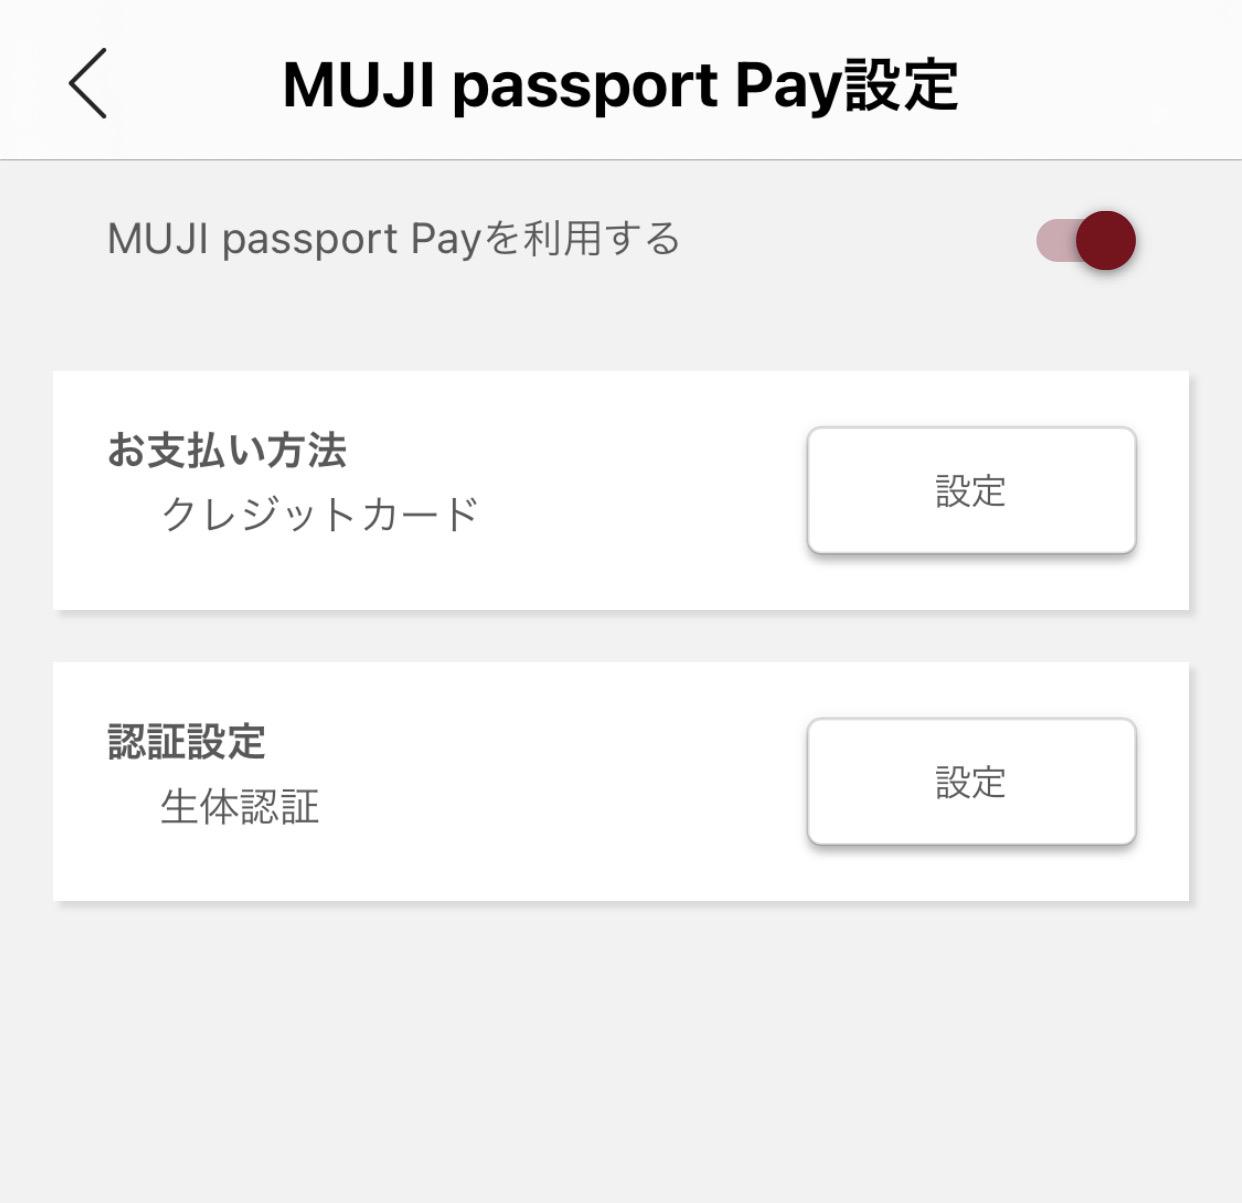 Muji passport 202012 09